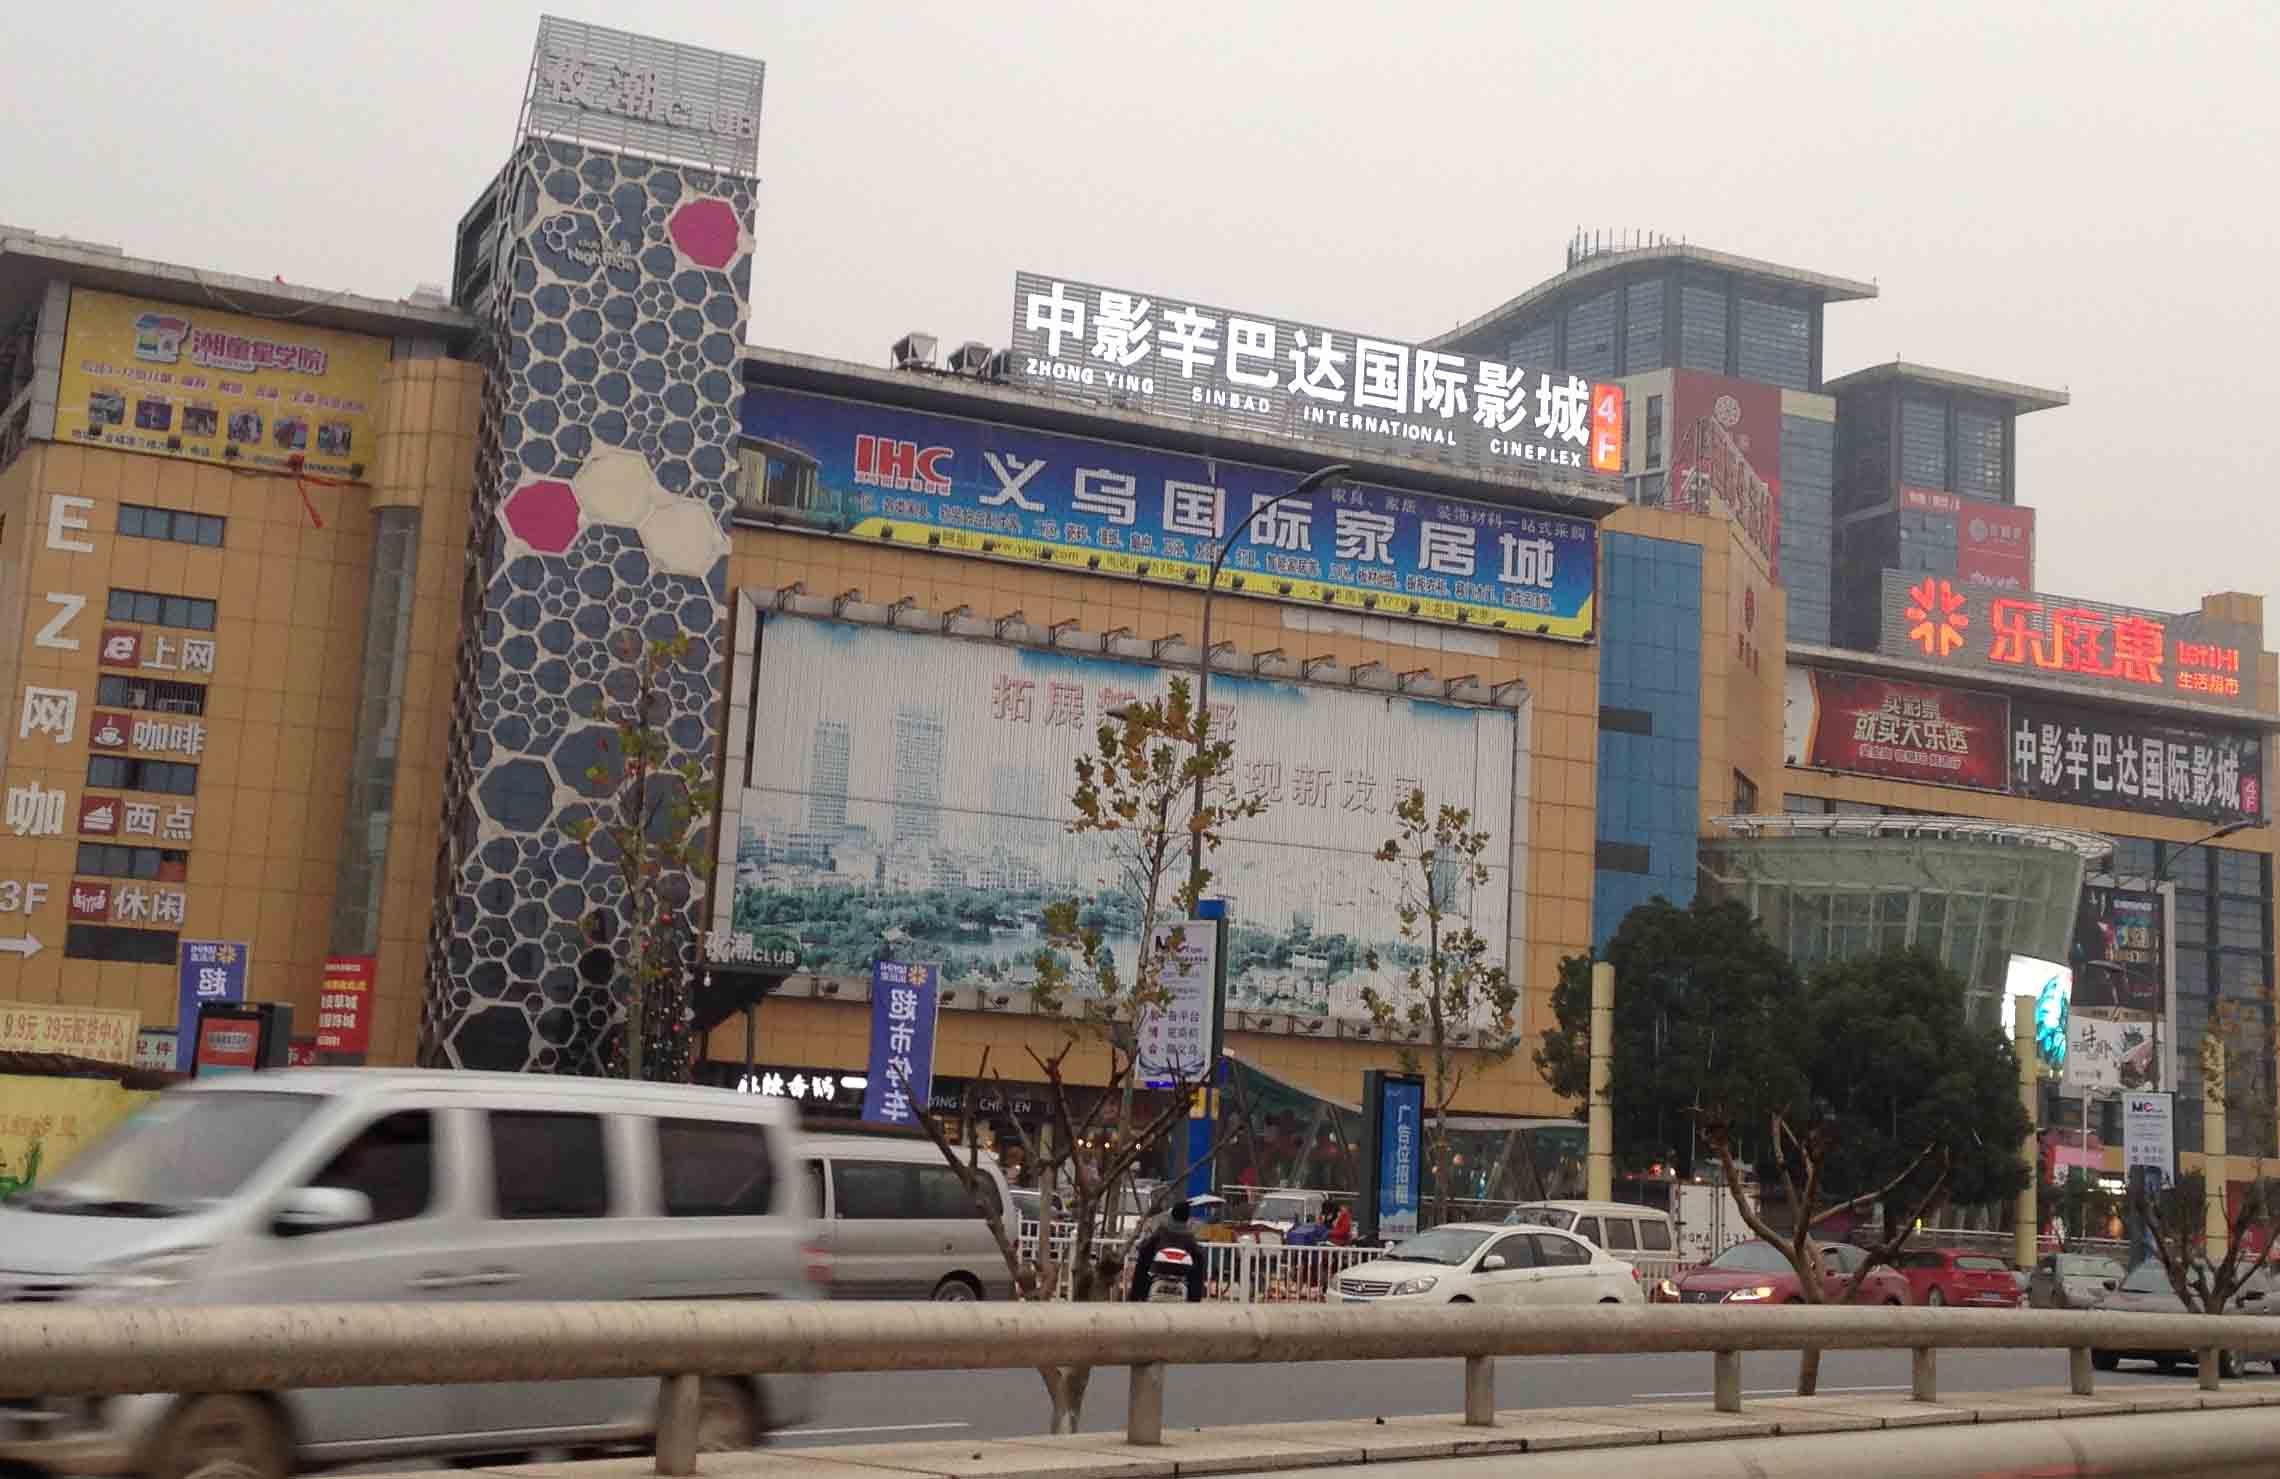 义乌金富源中影辛巴达国际影城案例